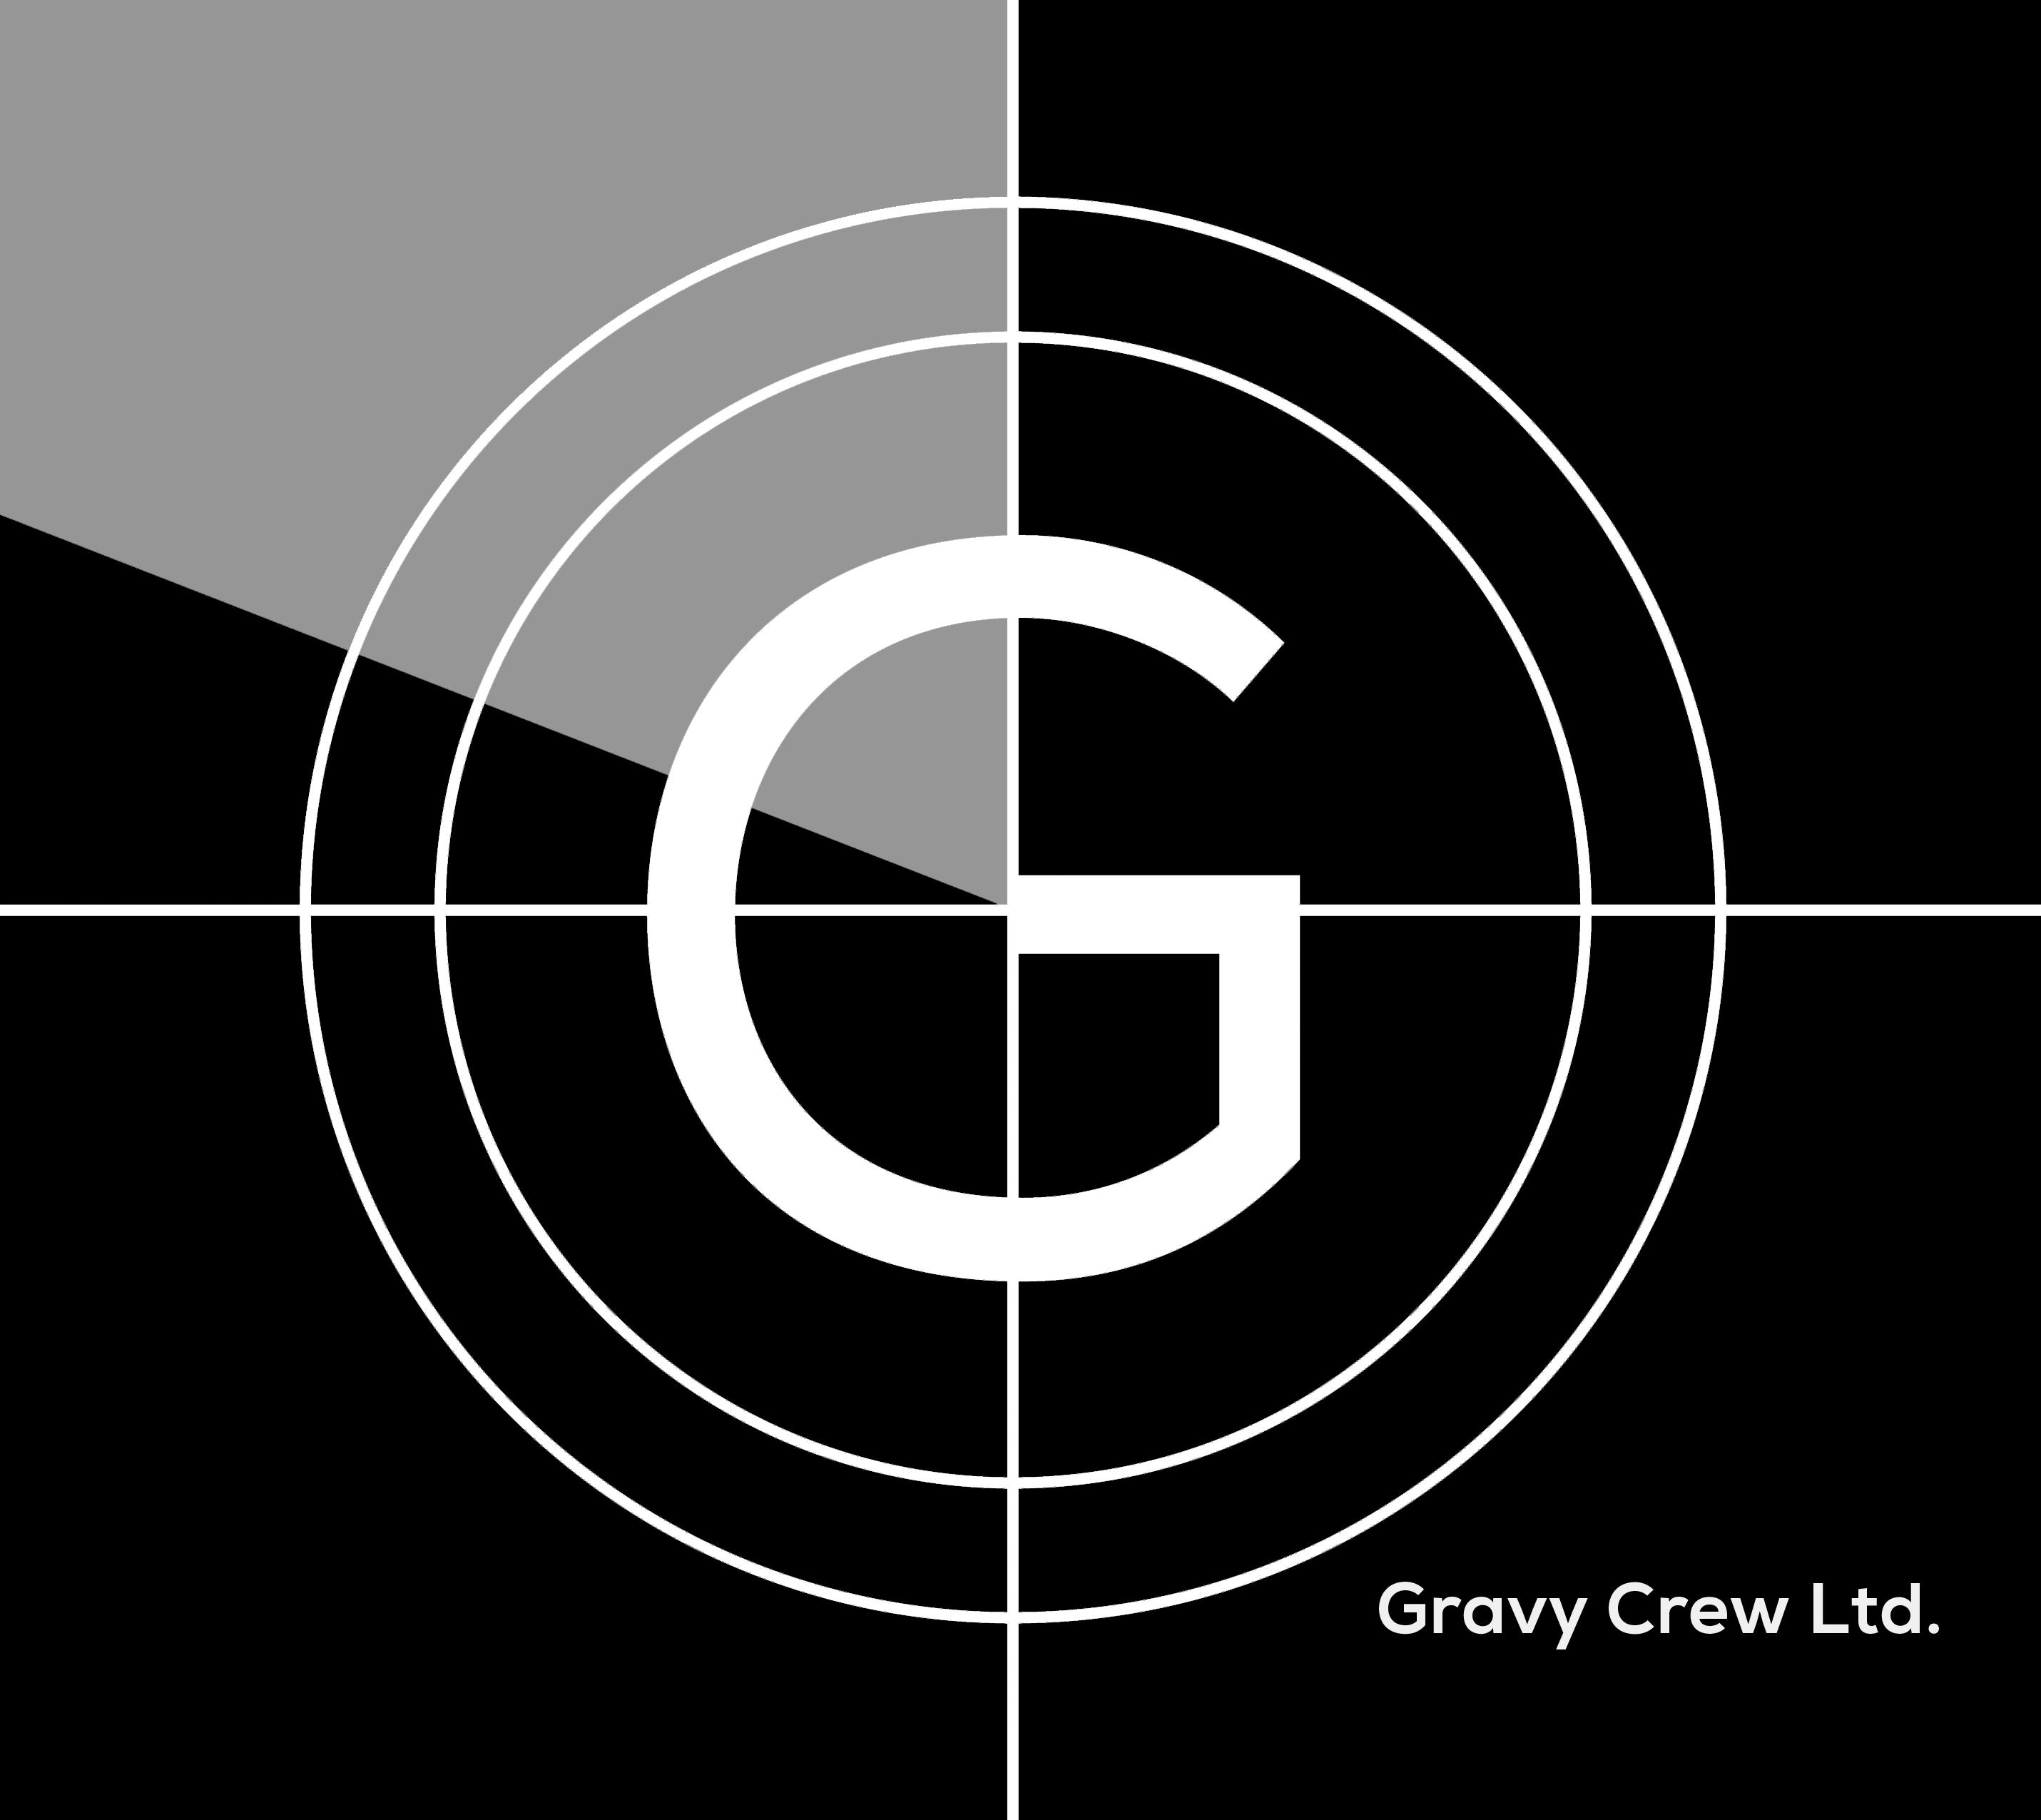 Gravy Crew